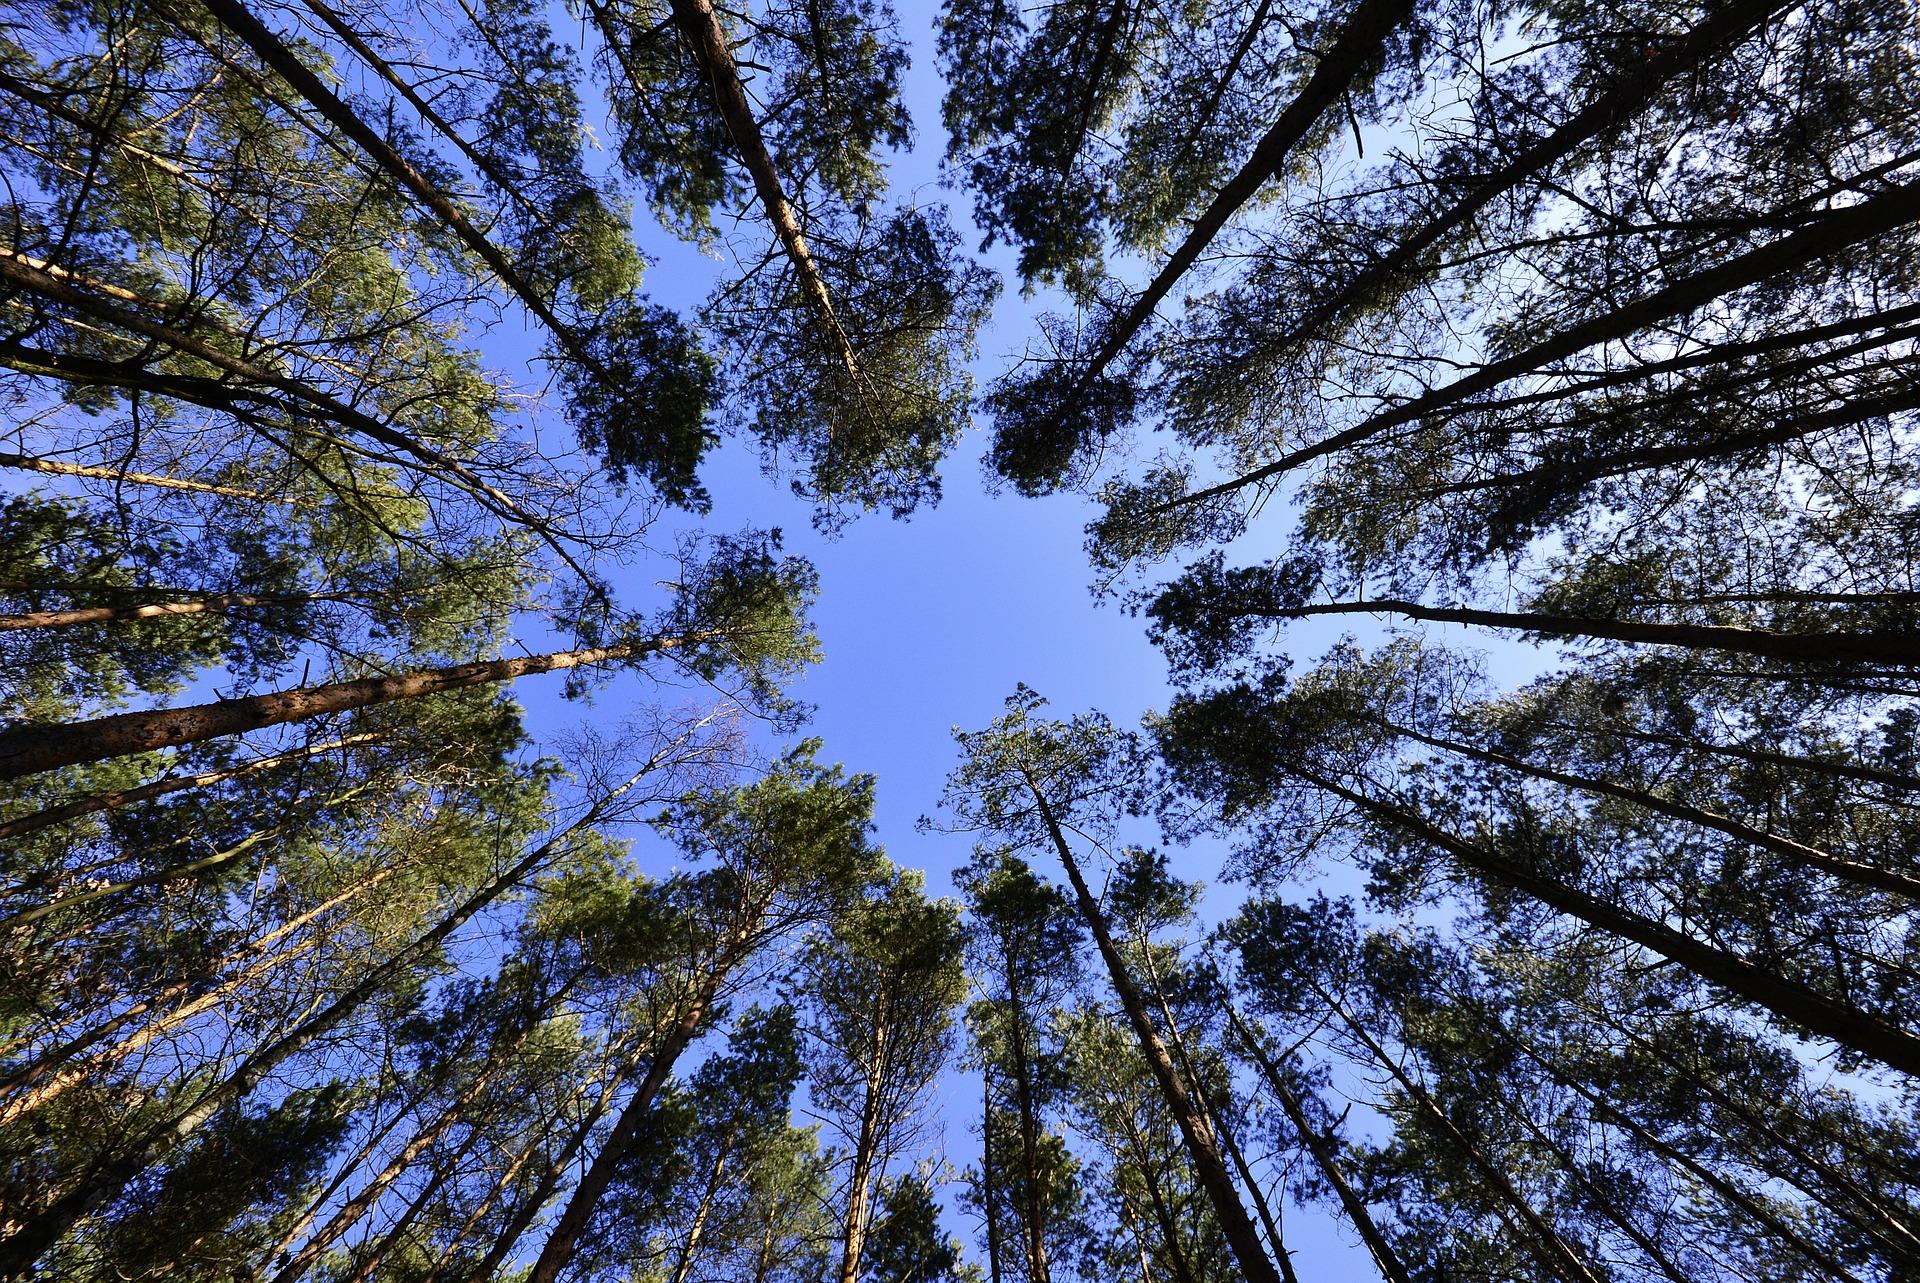 image de forêt cimes en bouquet orientées vers le ciel